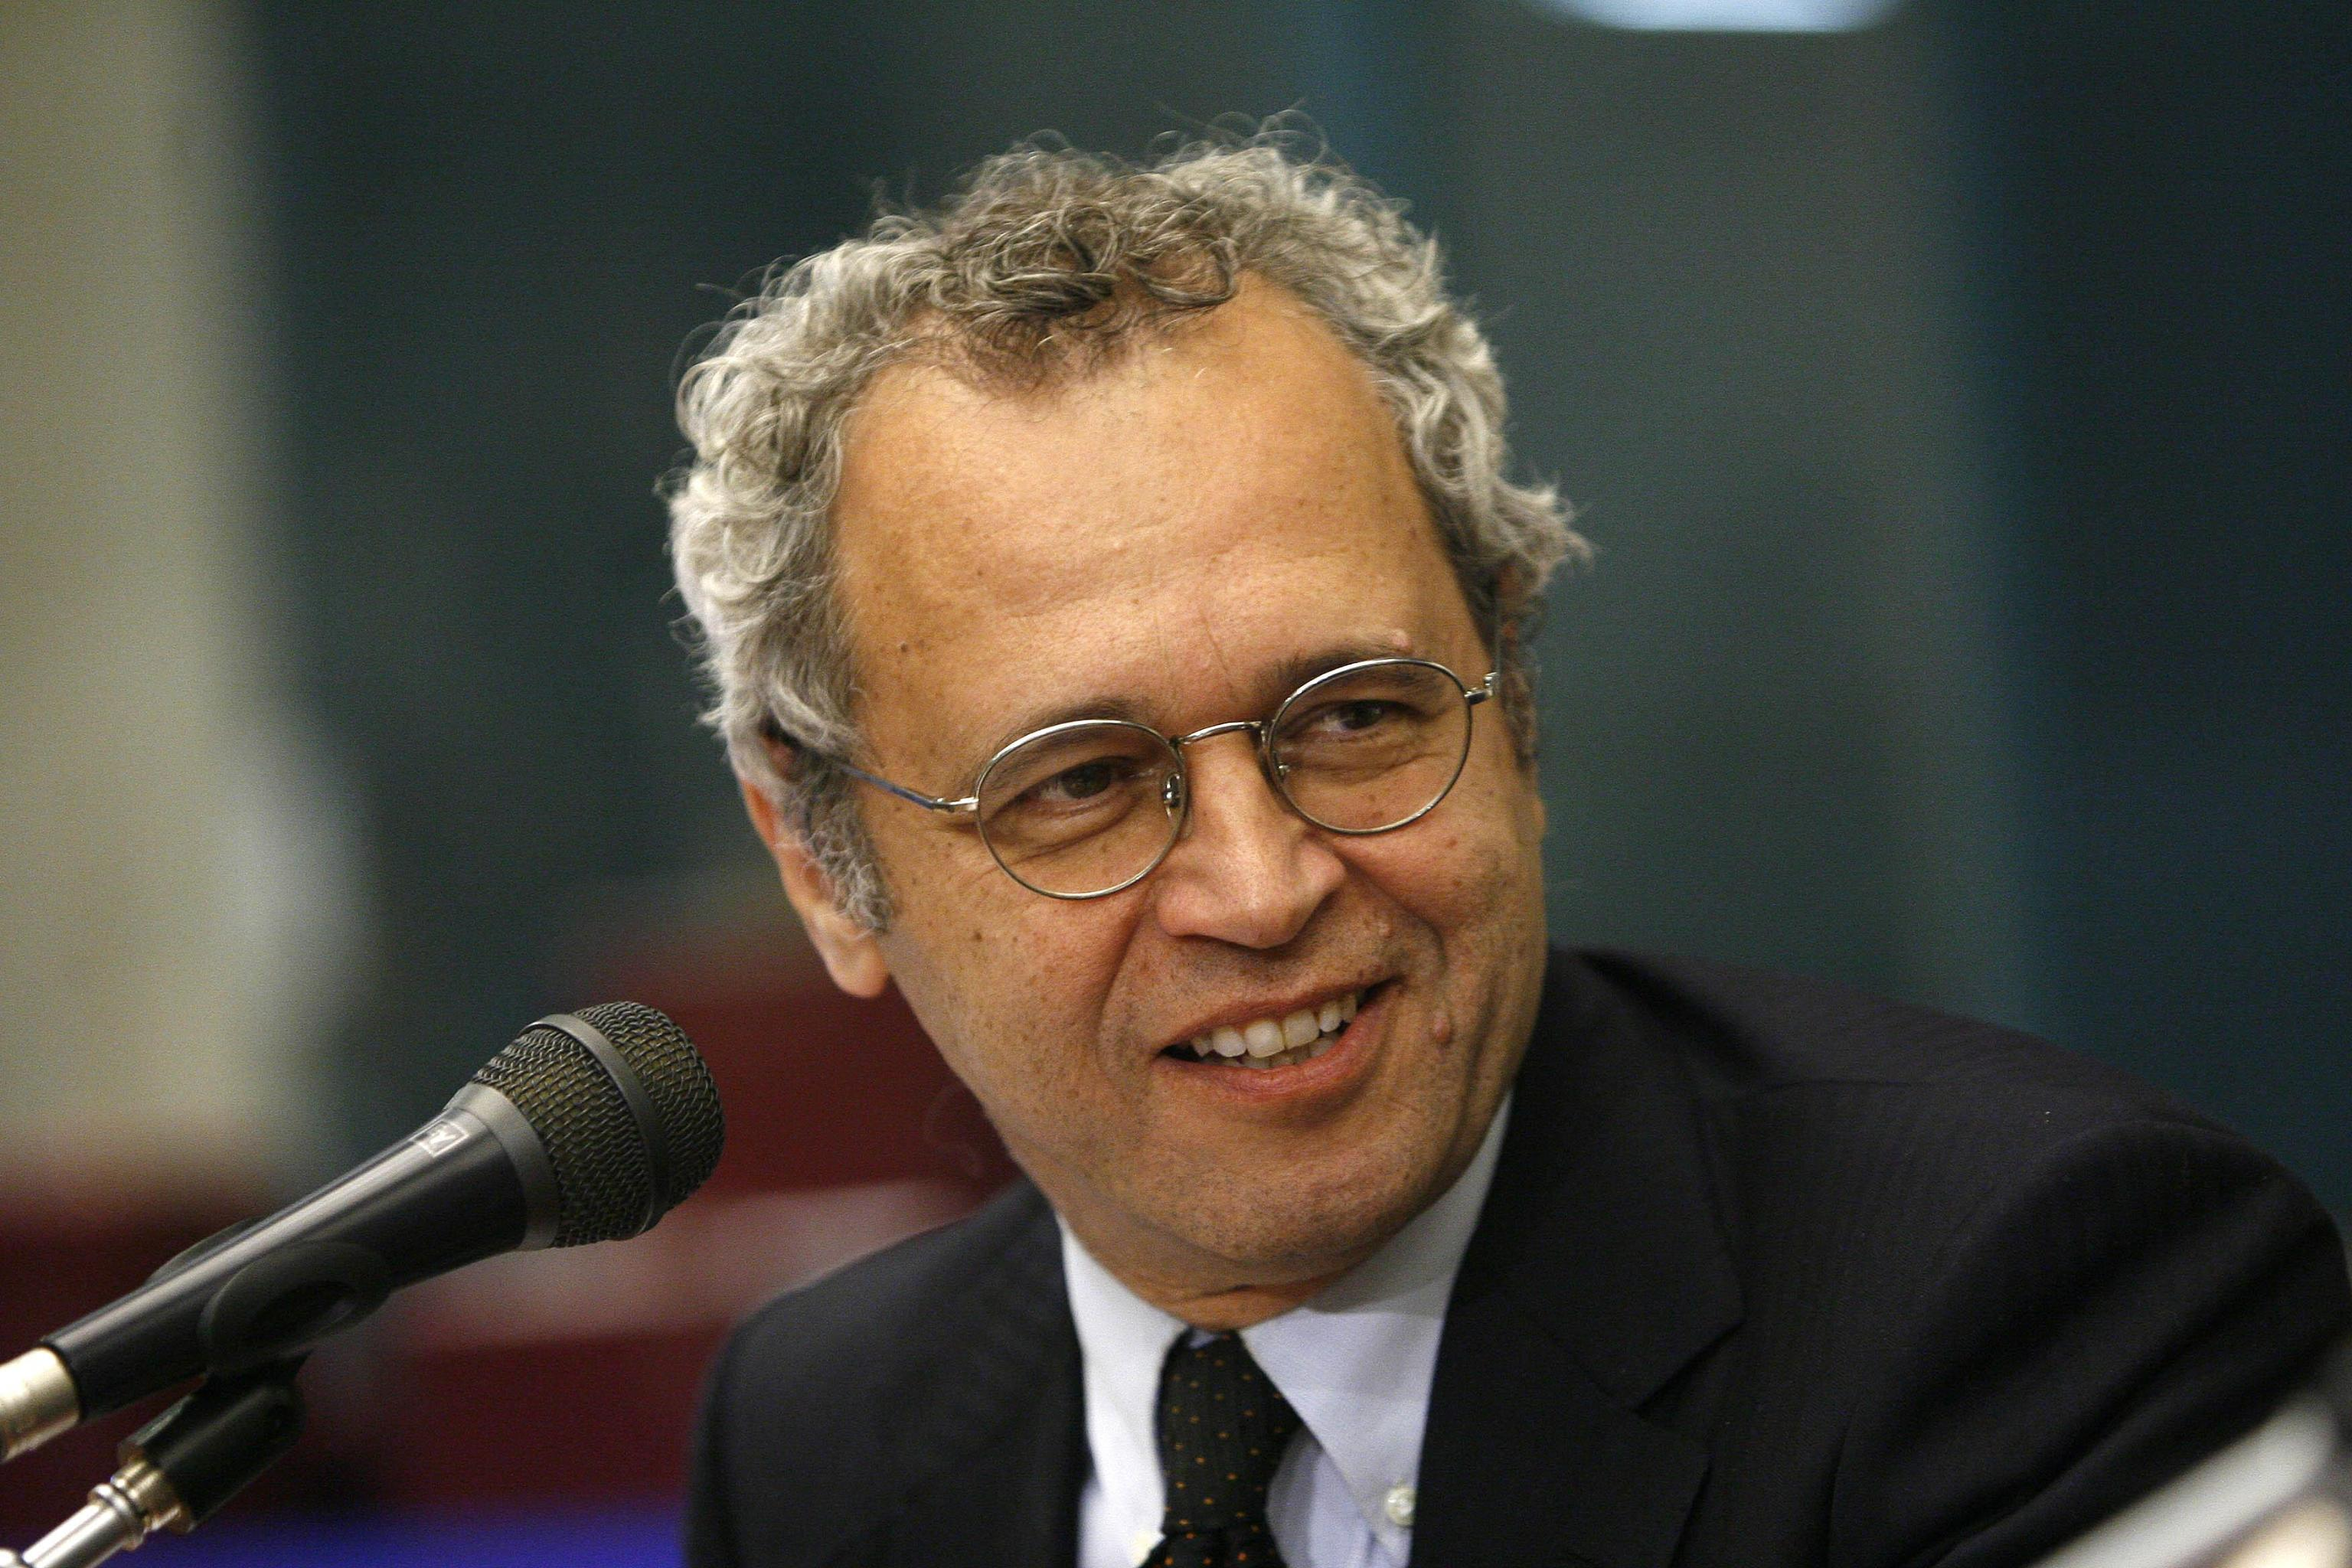 Stasera in tv Enrico Mentana